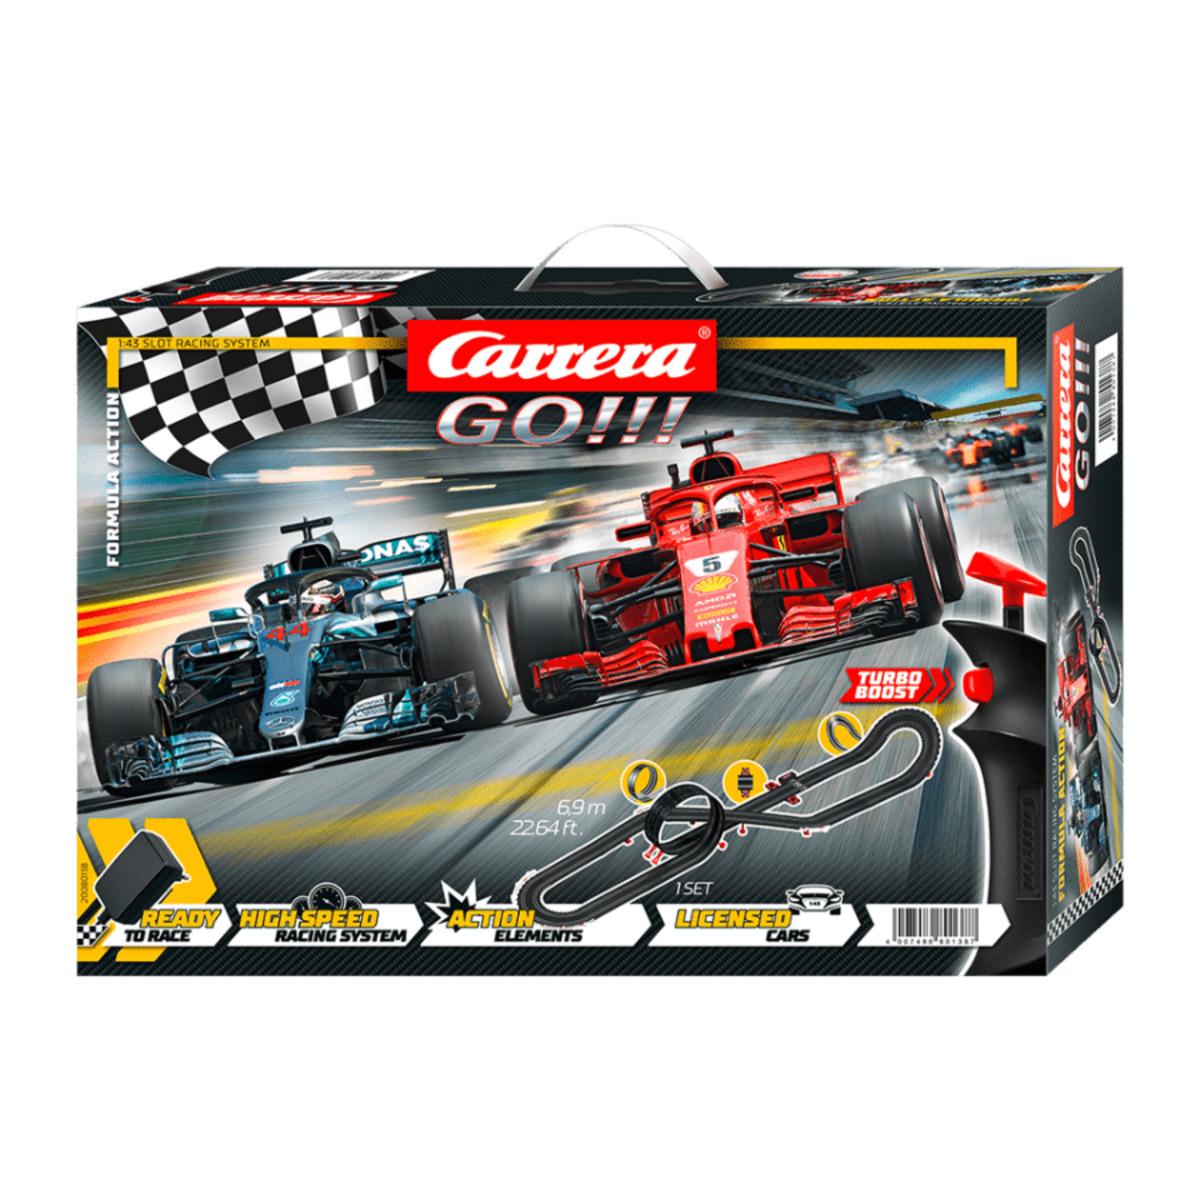 Bild 1 von Carrera Go!!! Autorennbahn